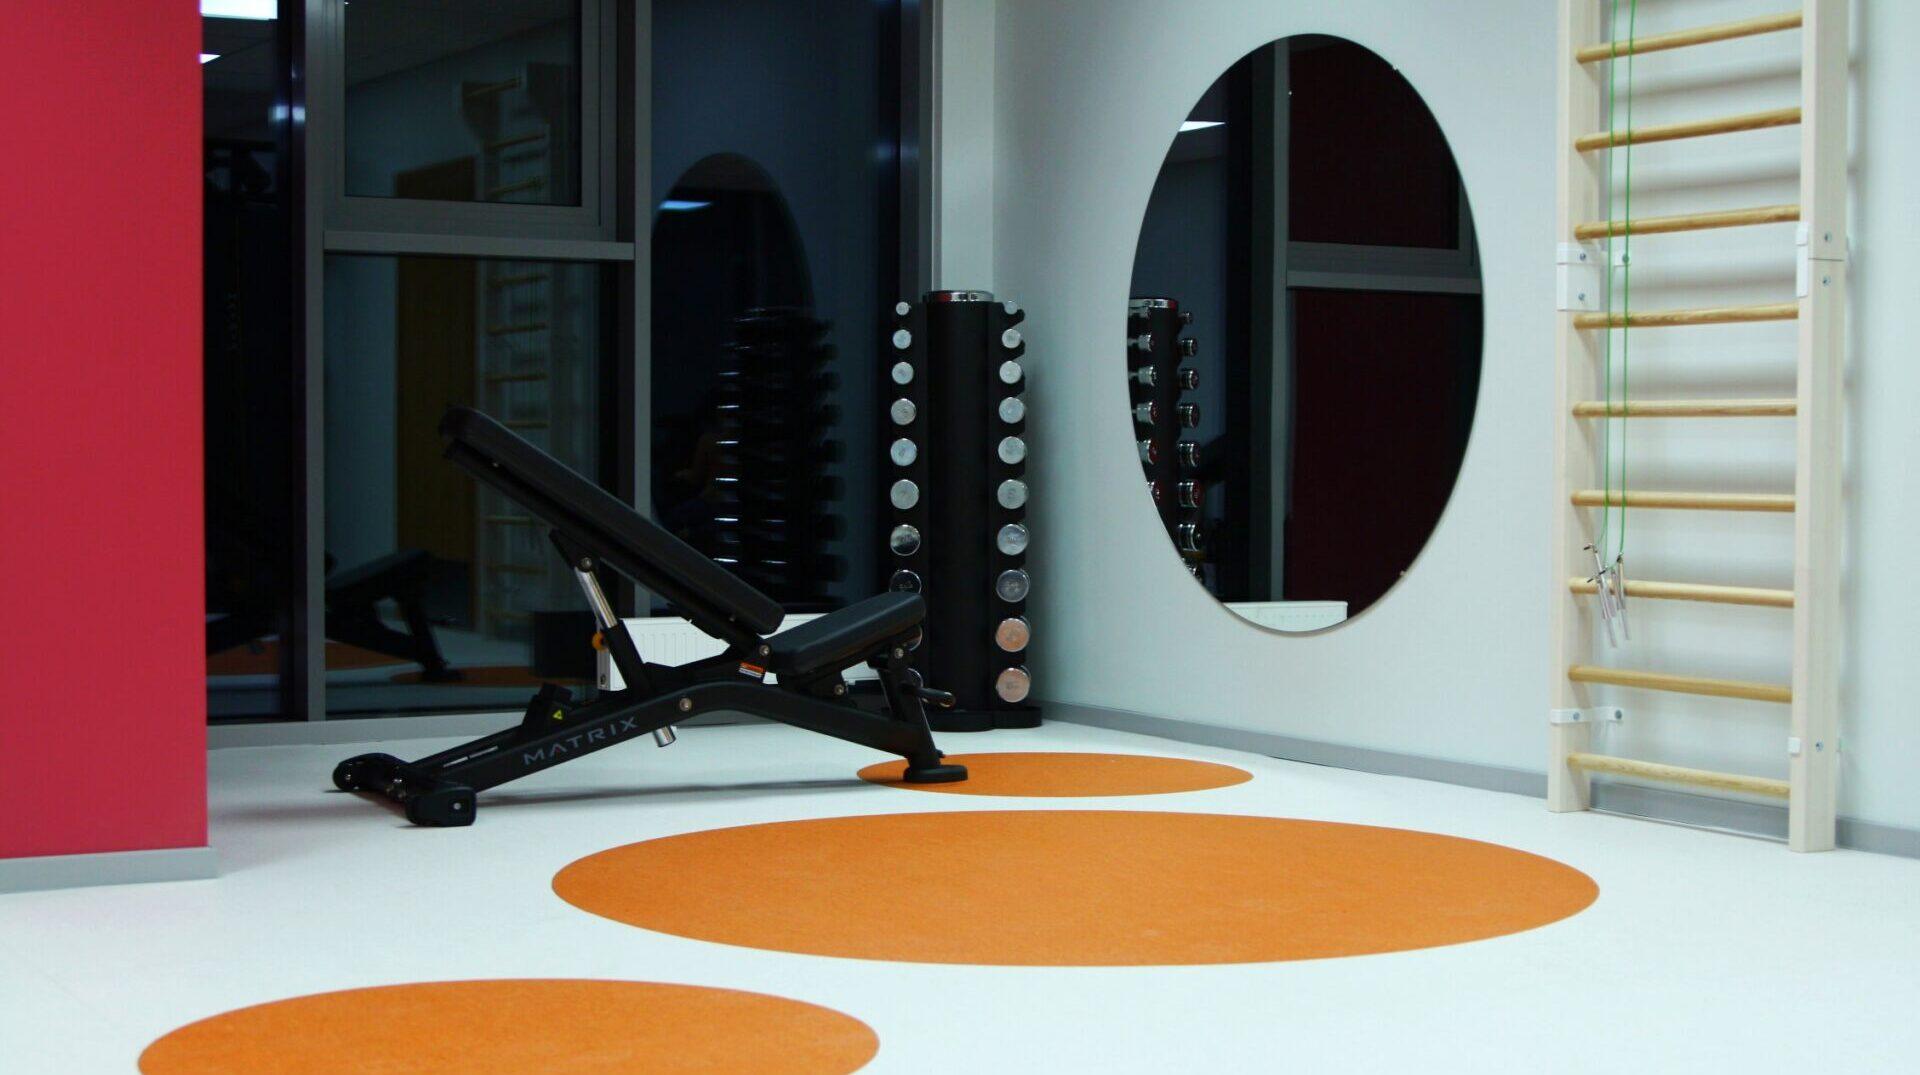 Tervisekeskus Corrigo füsioteraapia jõusaalis